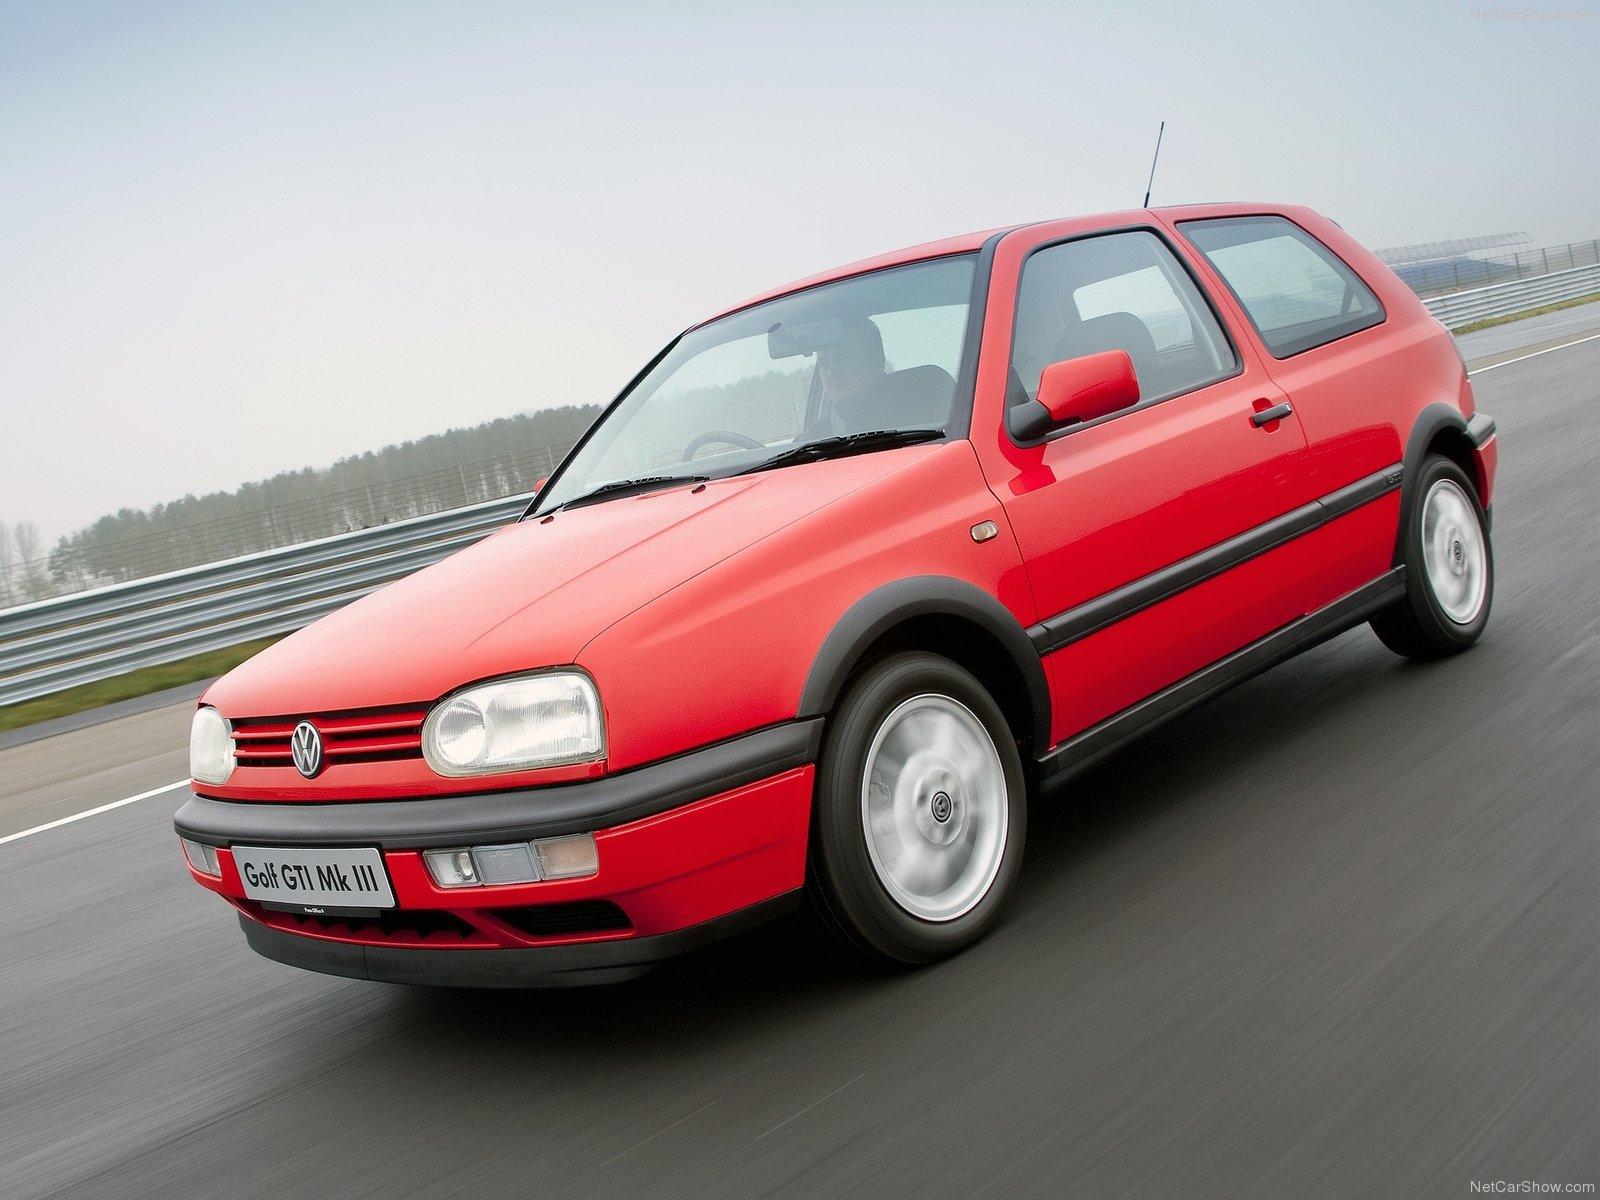 ... Volkswagen Golf 3 3 Door Hatchback 1991 ...